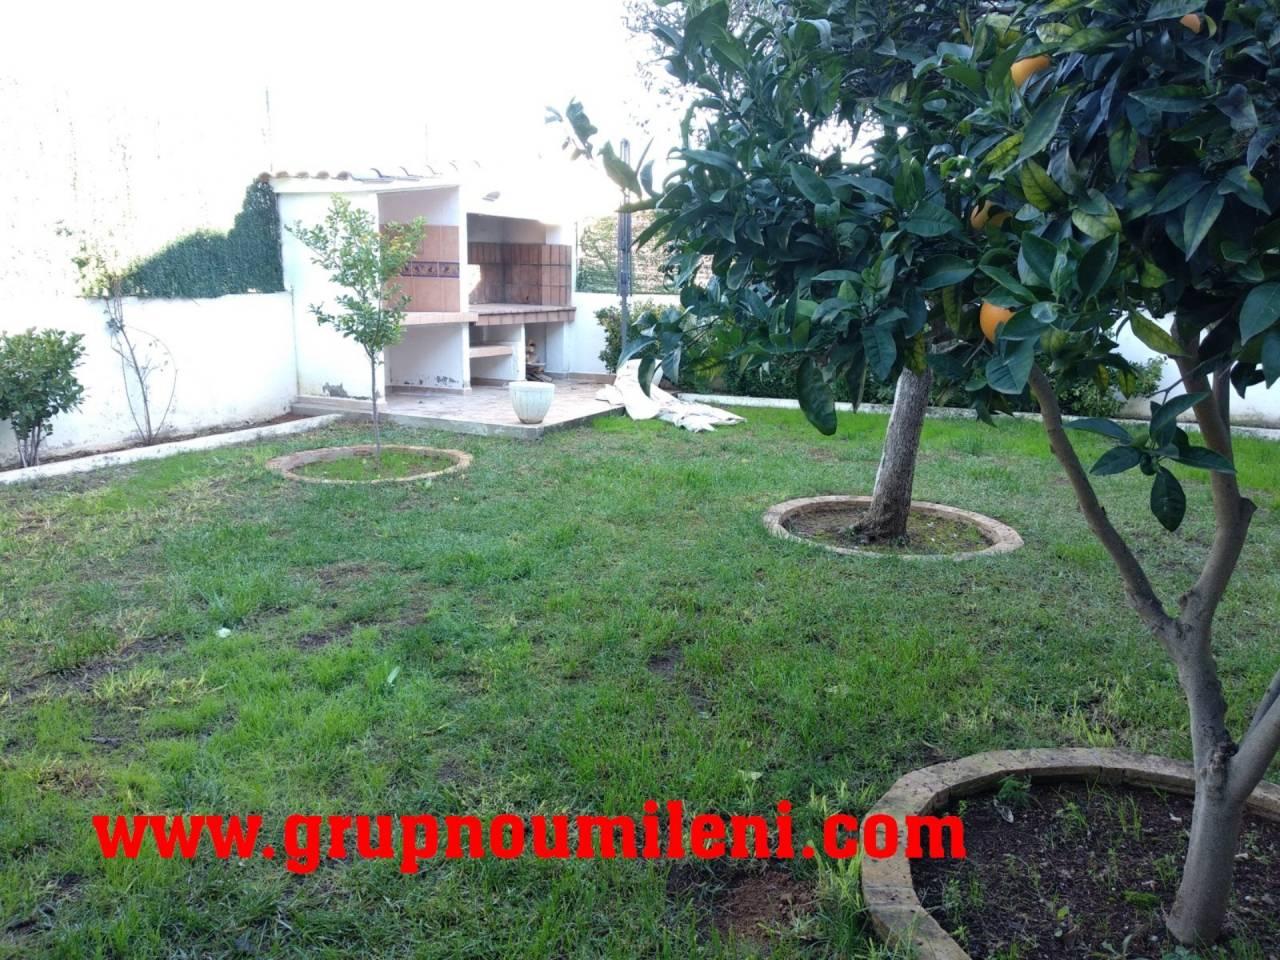 Lloguer Casa  Catarroja. Superf. 171 m², 275 m² solar,  4 habitaciones (2 dobles,  2 indi